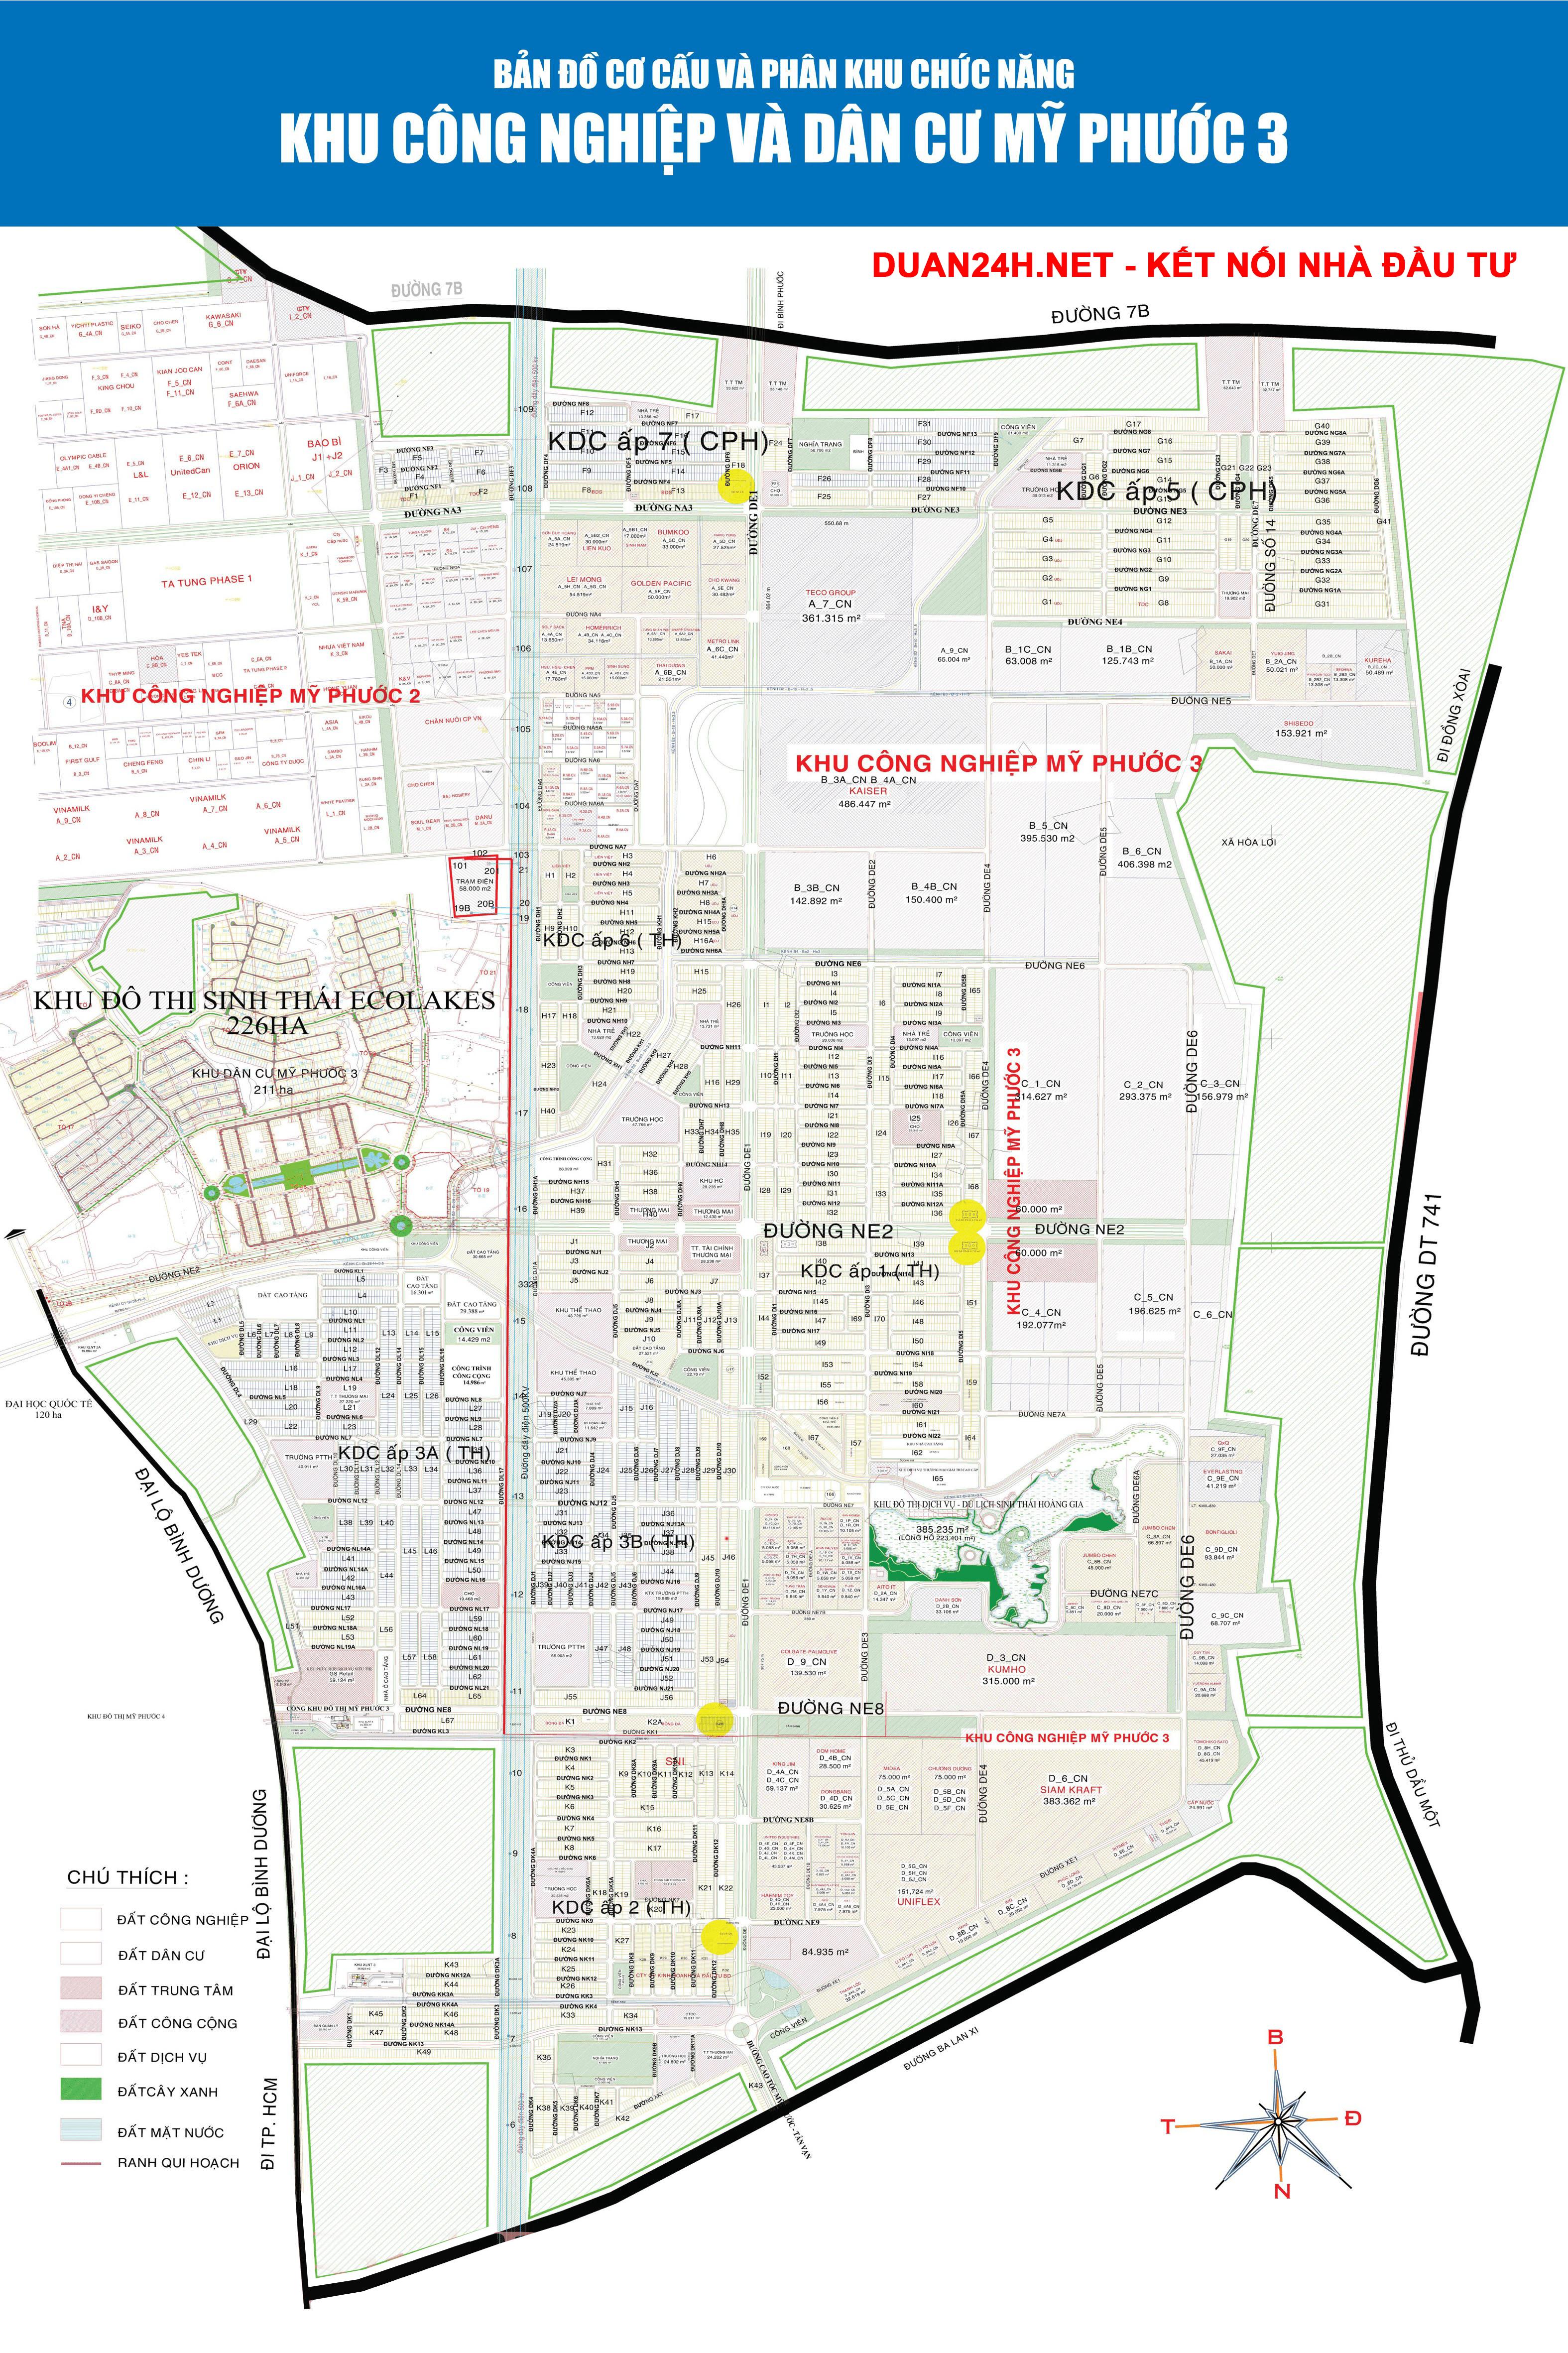 Bản đồ Khu công nghiệp đô thị Mỹ Phước 3